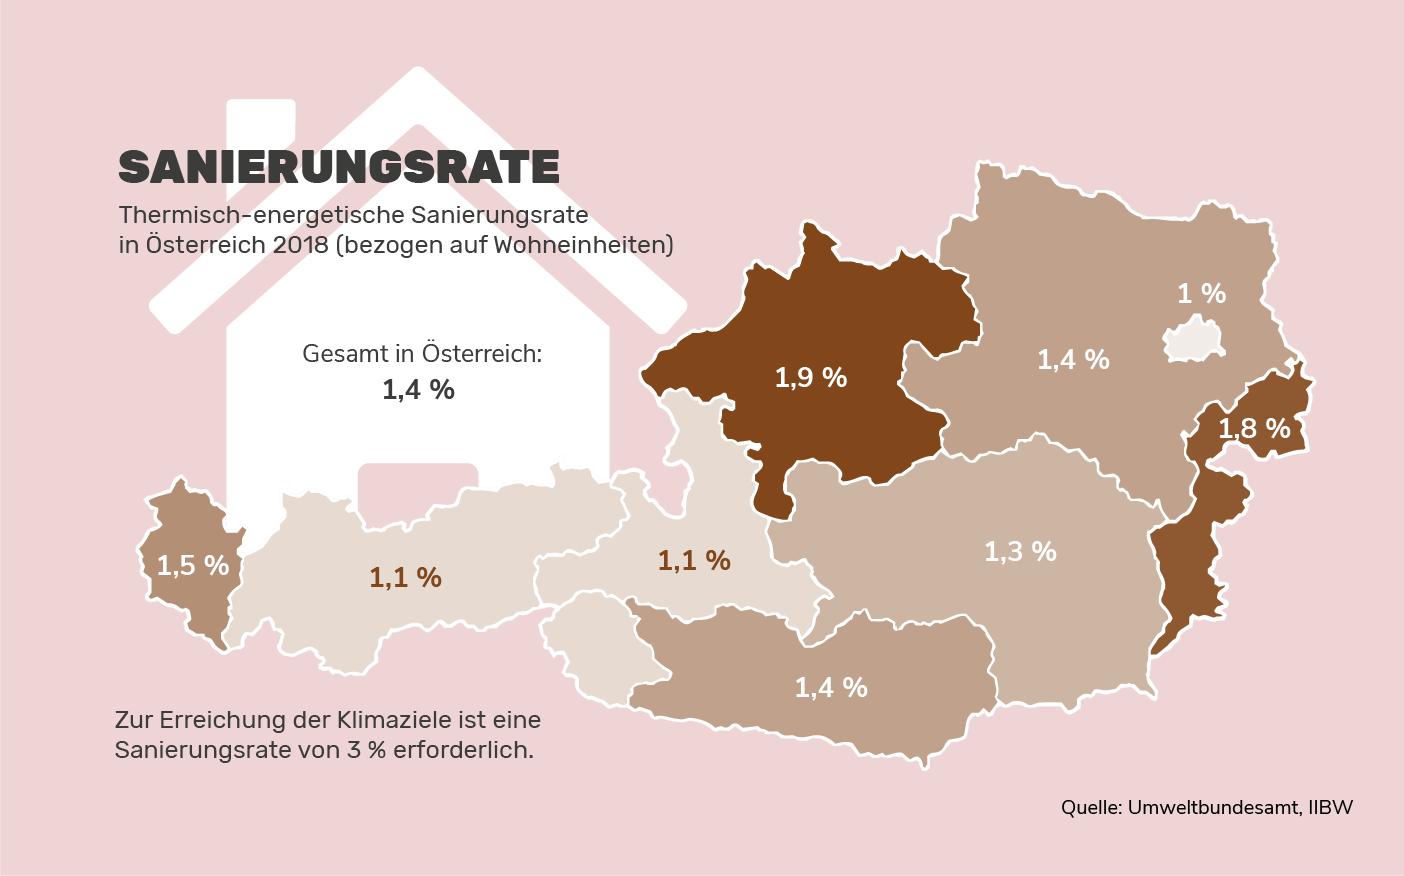 Sanierungsrate in Österreich